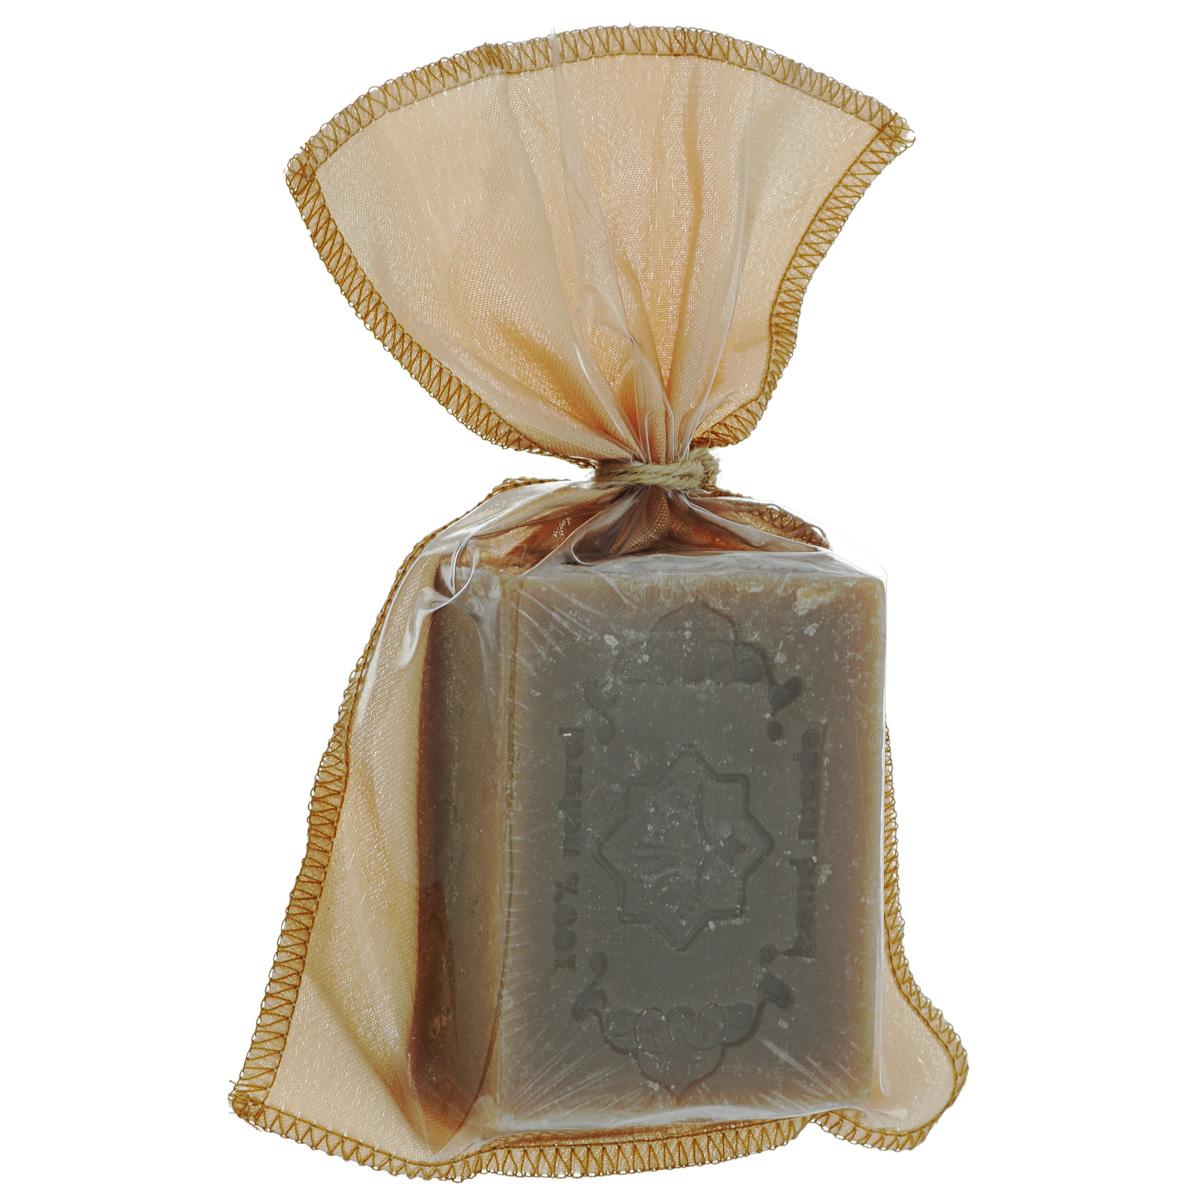 Зейтун Мыло Экстра №11 с мёдом, 110 г26102025Мёд - частый компонент средств по уходу за кожей. Благодаря его свойствам и правильной комбинации масел это натуральное мыло с медом - замечательное средство для ухода за сухой кожей: не сушит и не стягивает кожу, а наоборот -увлажняет, смягчает и тонизирует, питает природными витаминами.